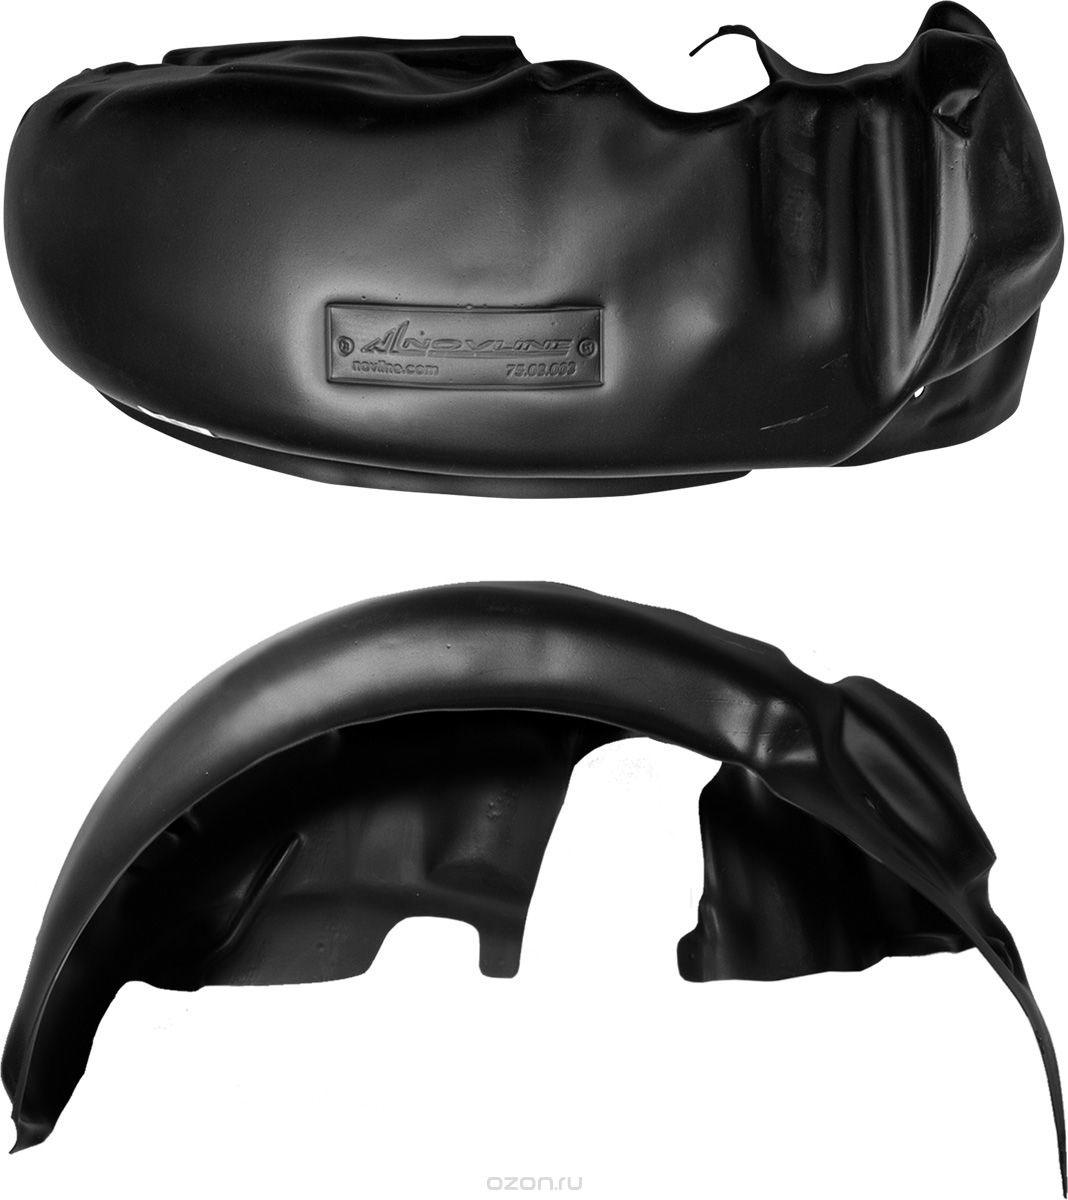 Подкрылок Novline-Autofamily, для ВАЗ 2105, 07, 1982-2010, передний левый000211Идеальная защита колесной ниши. Локеры разработаны с применением цифровых технологий, гарантируют максимальную повторяемость поверхности арки. Изделия устанавливаются без нарушения лакокрасочного покрытия автомобиля, каждый подкрылок комплектуется крепежом. Уважаемые клиенты, обращаем ваше внимание, что фотографии на подкрылки универсальные и не отражают реальную форму изделия. При этом само изделие идет точно под размер указанного автомобиля.